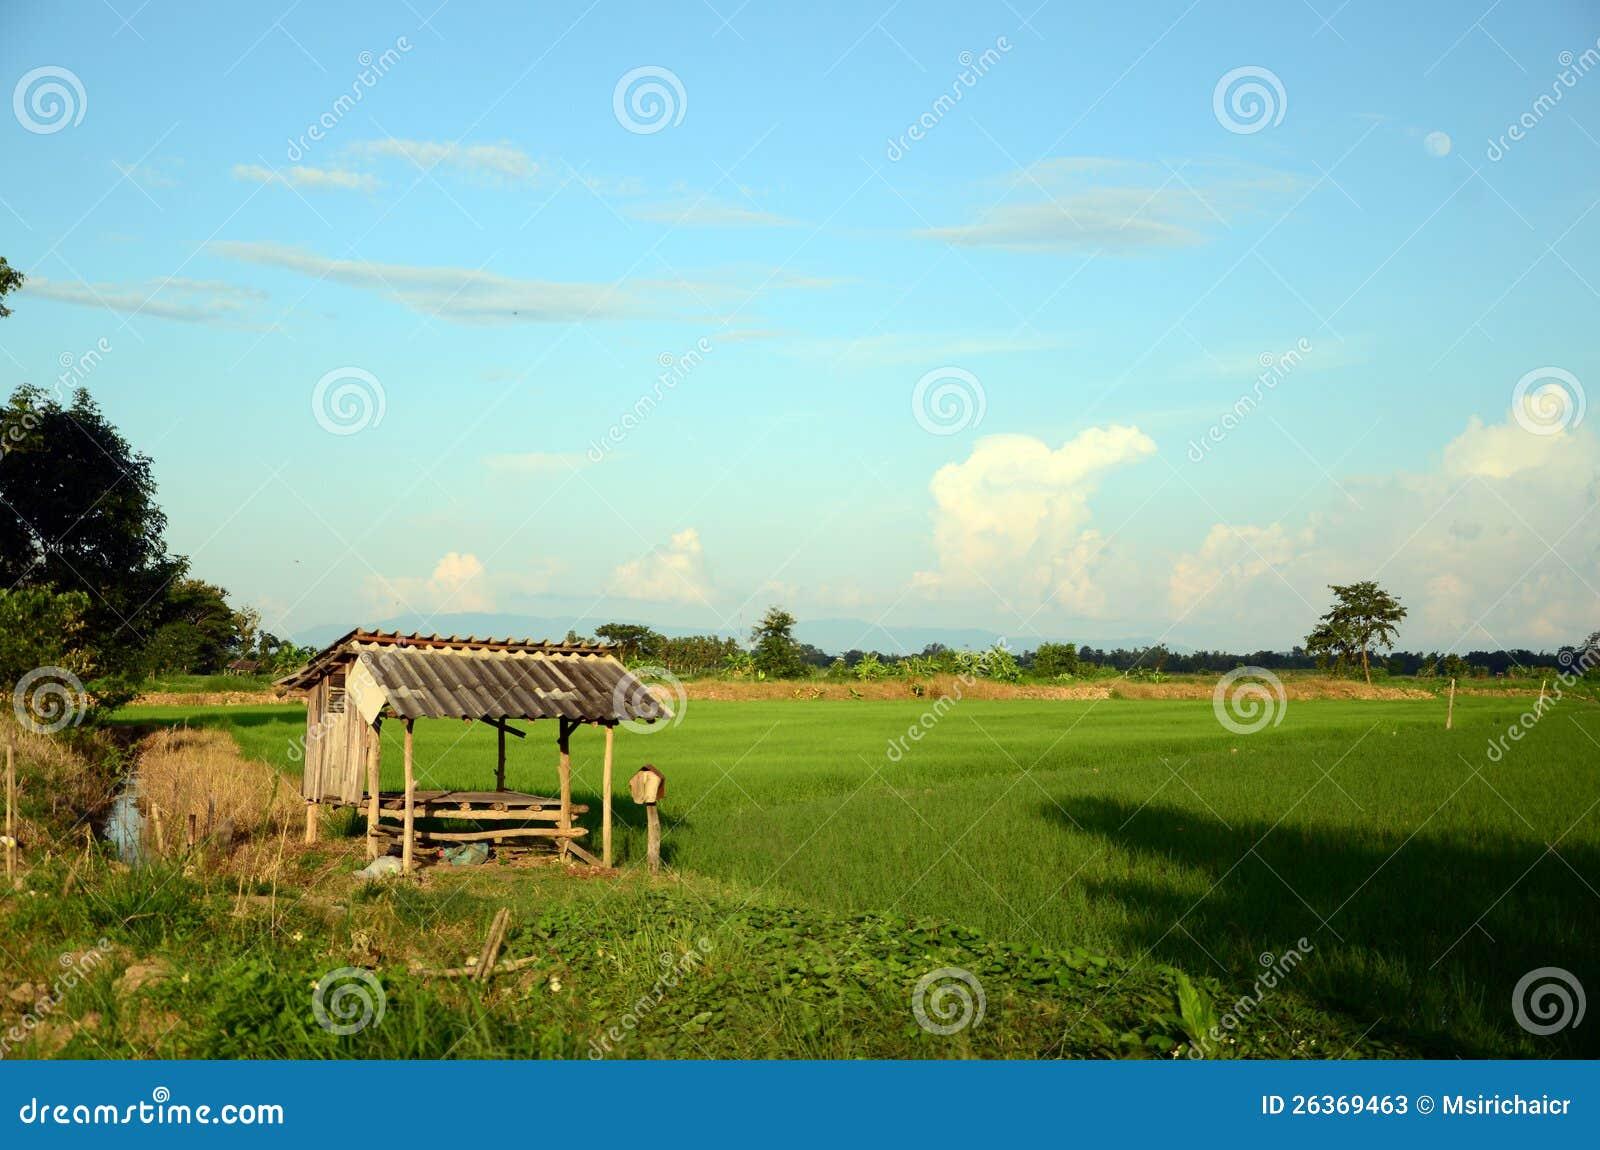 Reisfelder.